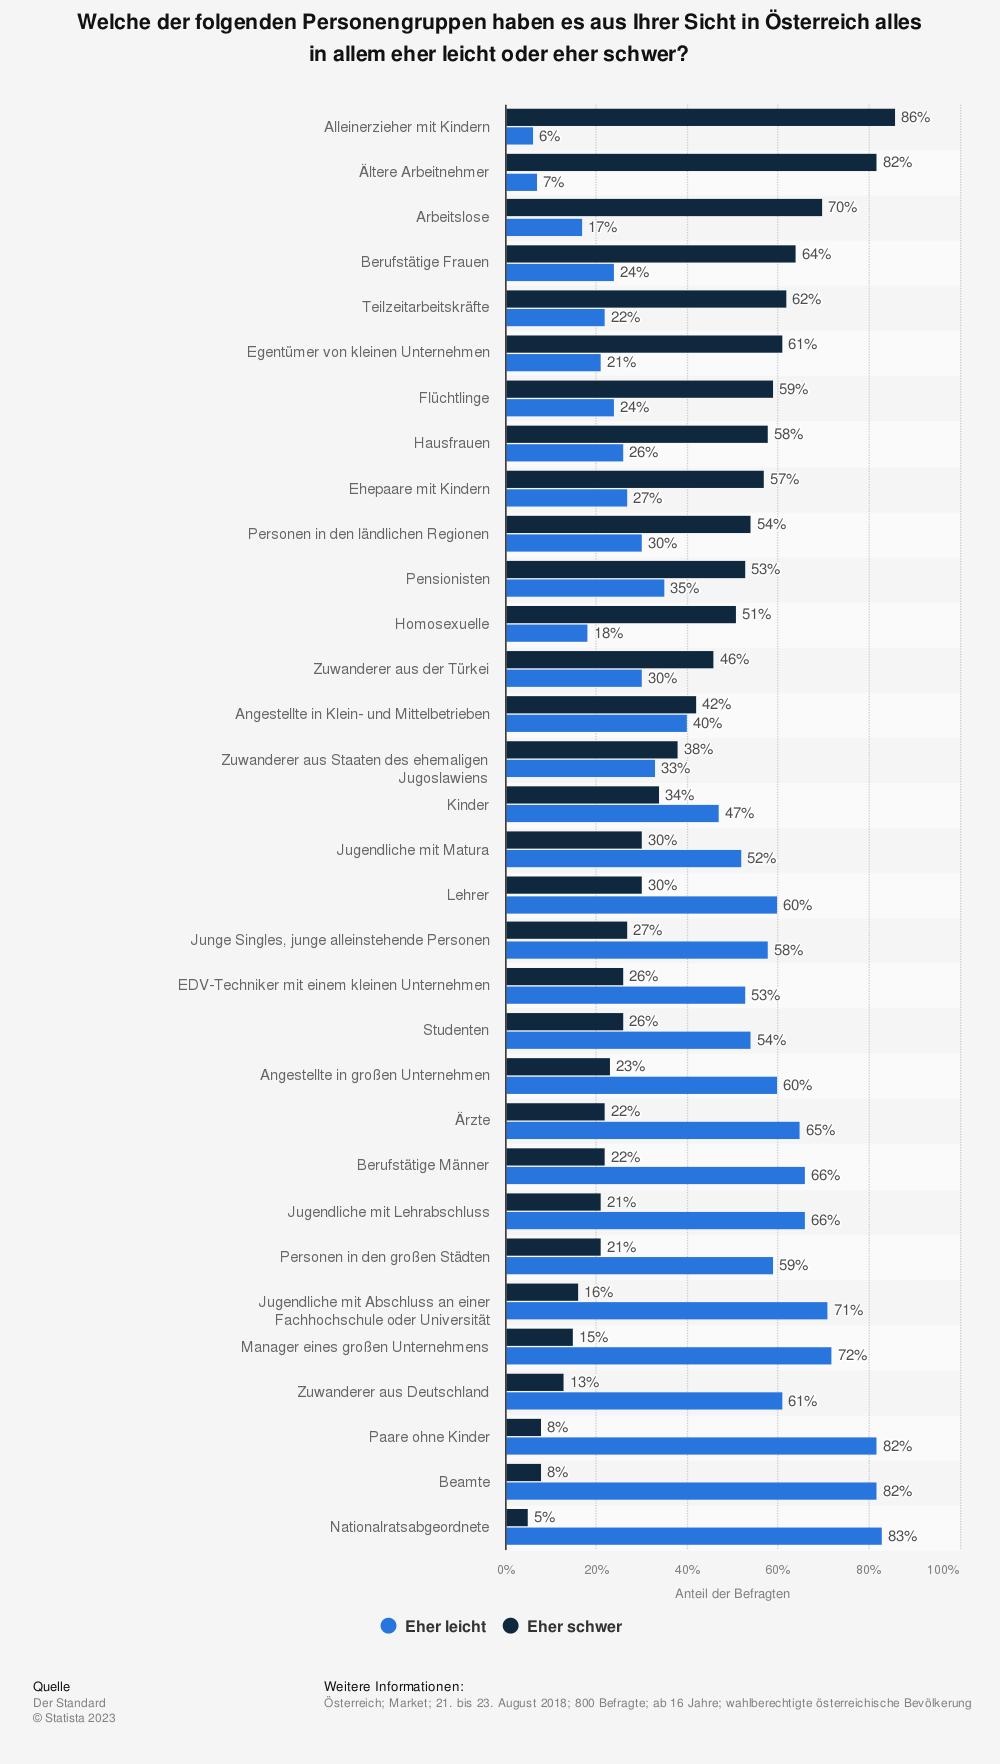 Statistik: Welche der folgenden Personengruppen haben es aus Ihrer Sicht in Österreich alles in allem eher leicht oder eher schwer? | Statista